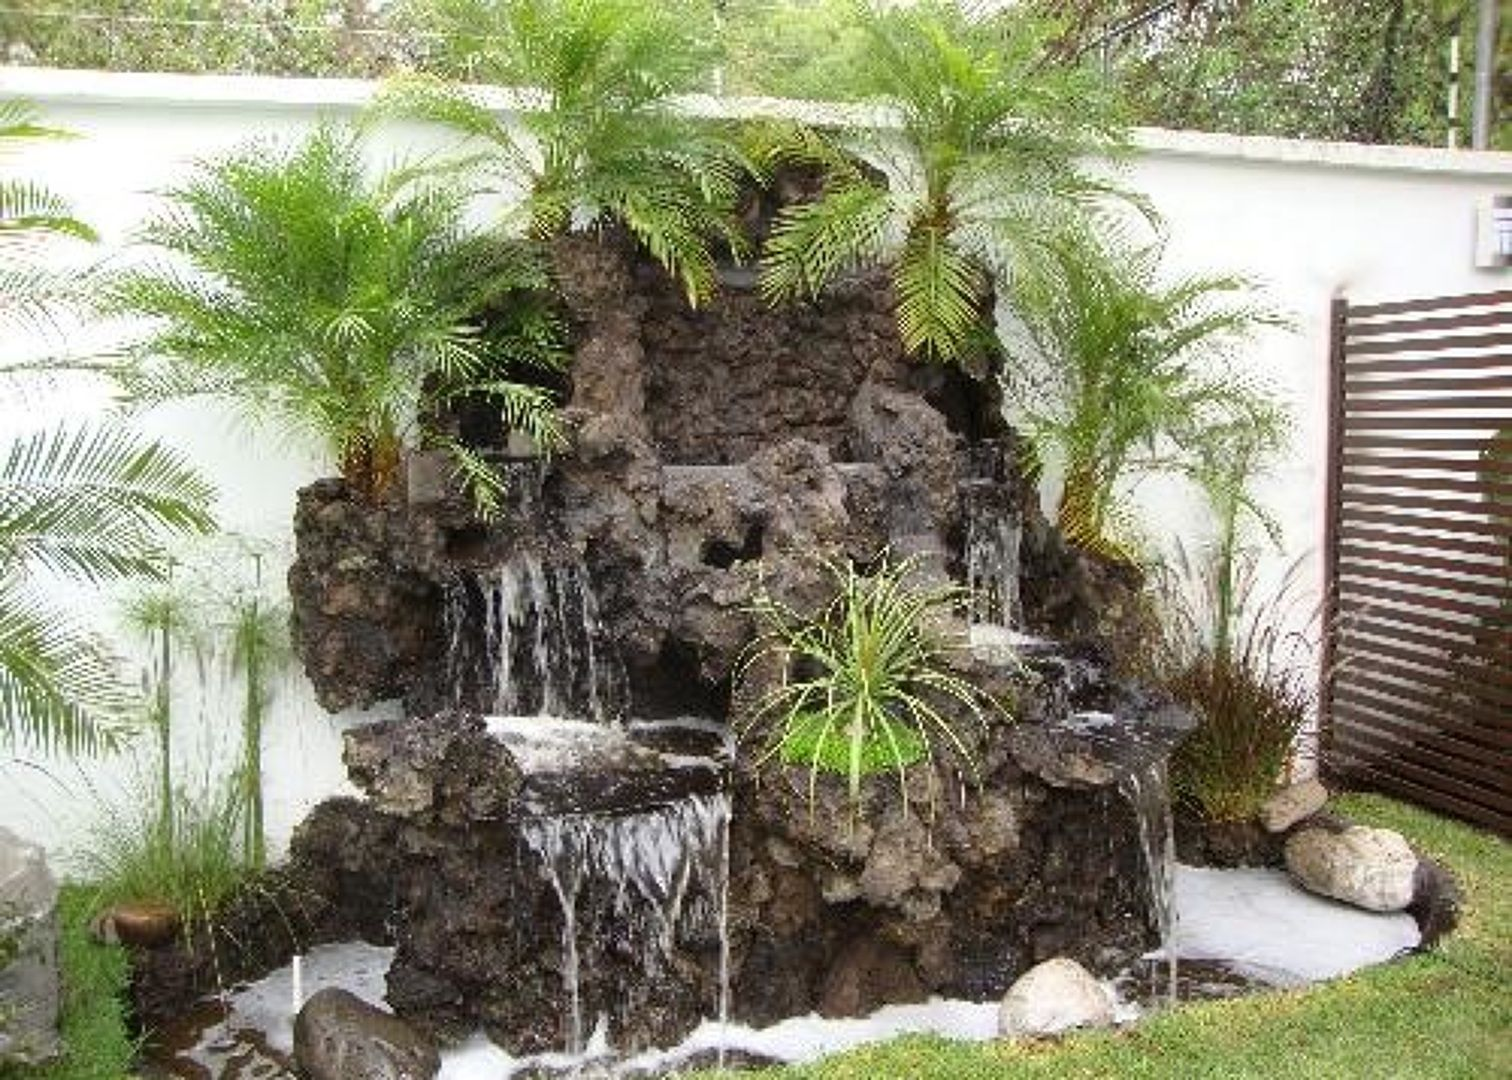 Cascadas de piedra volcanica fuentes pinterest - Diseno de cascadas para jardin ...